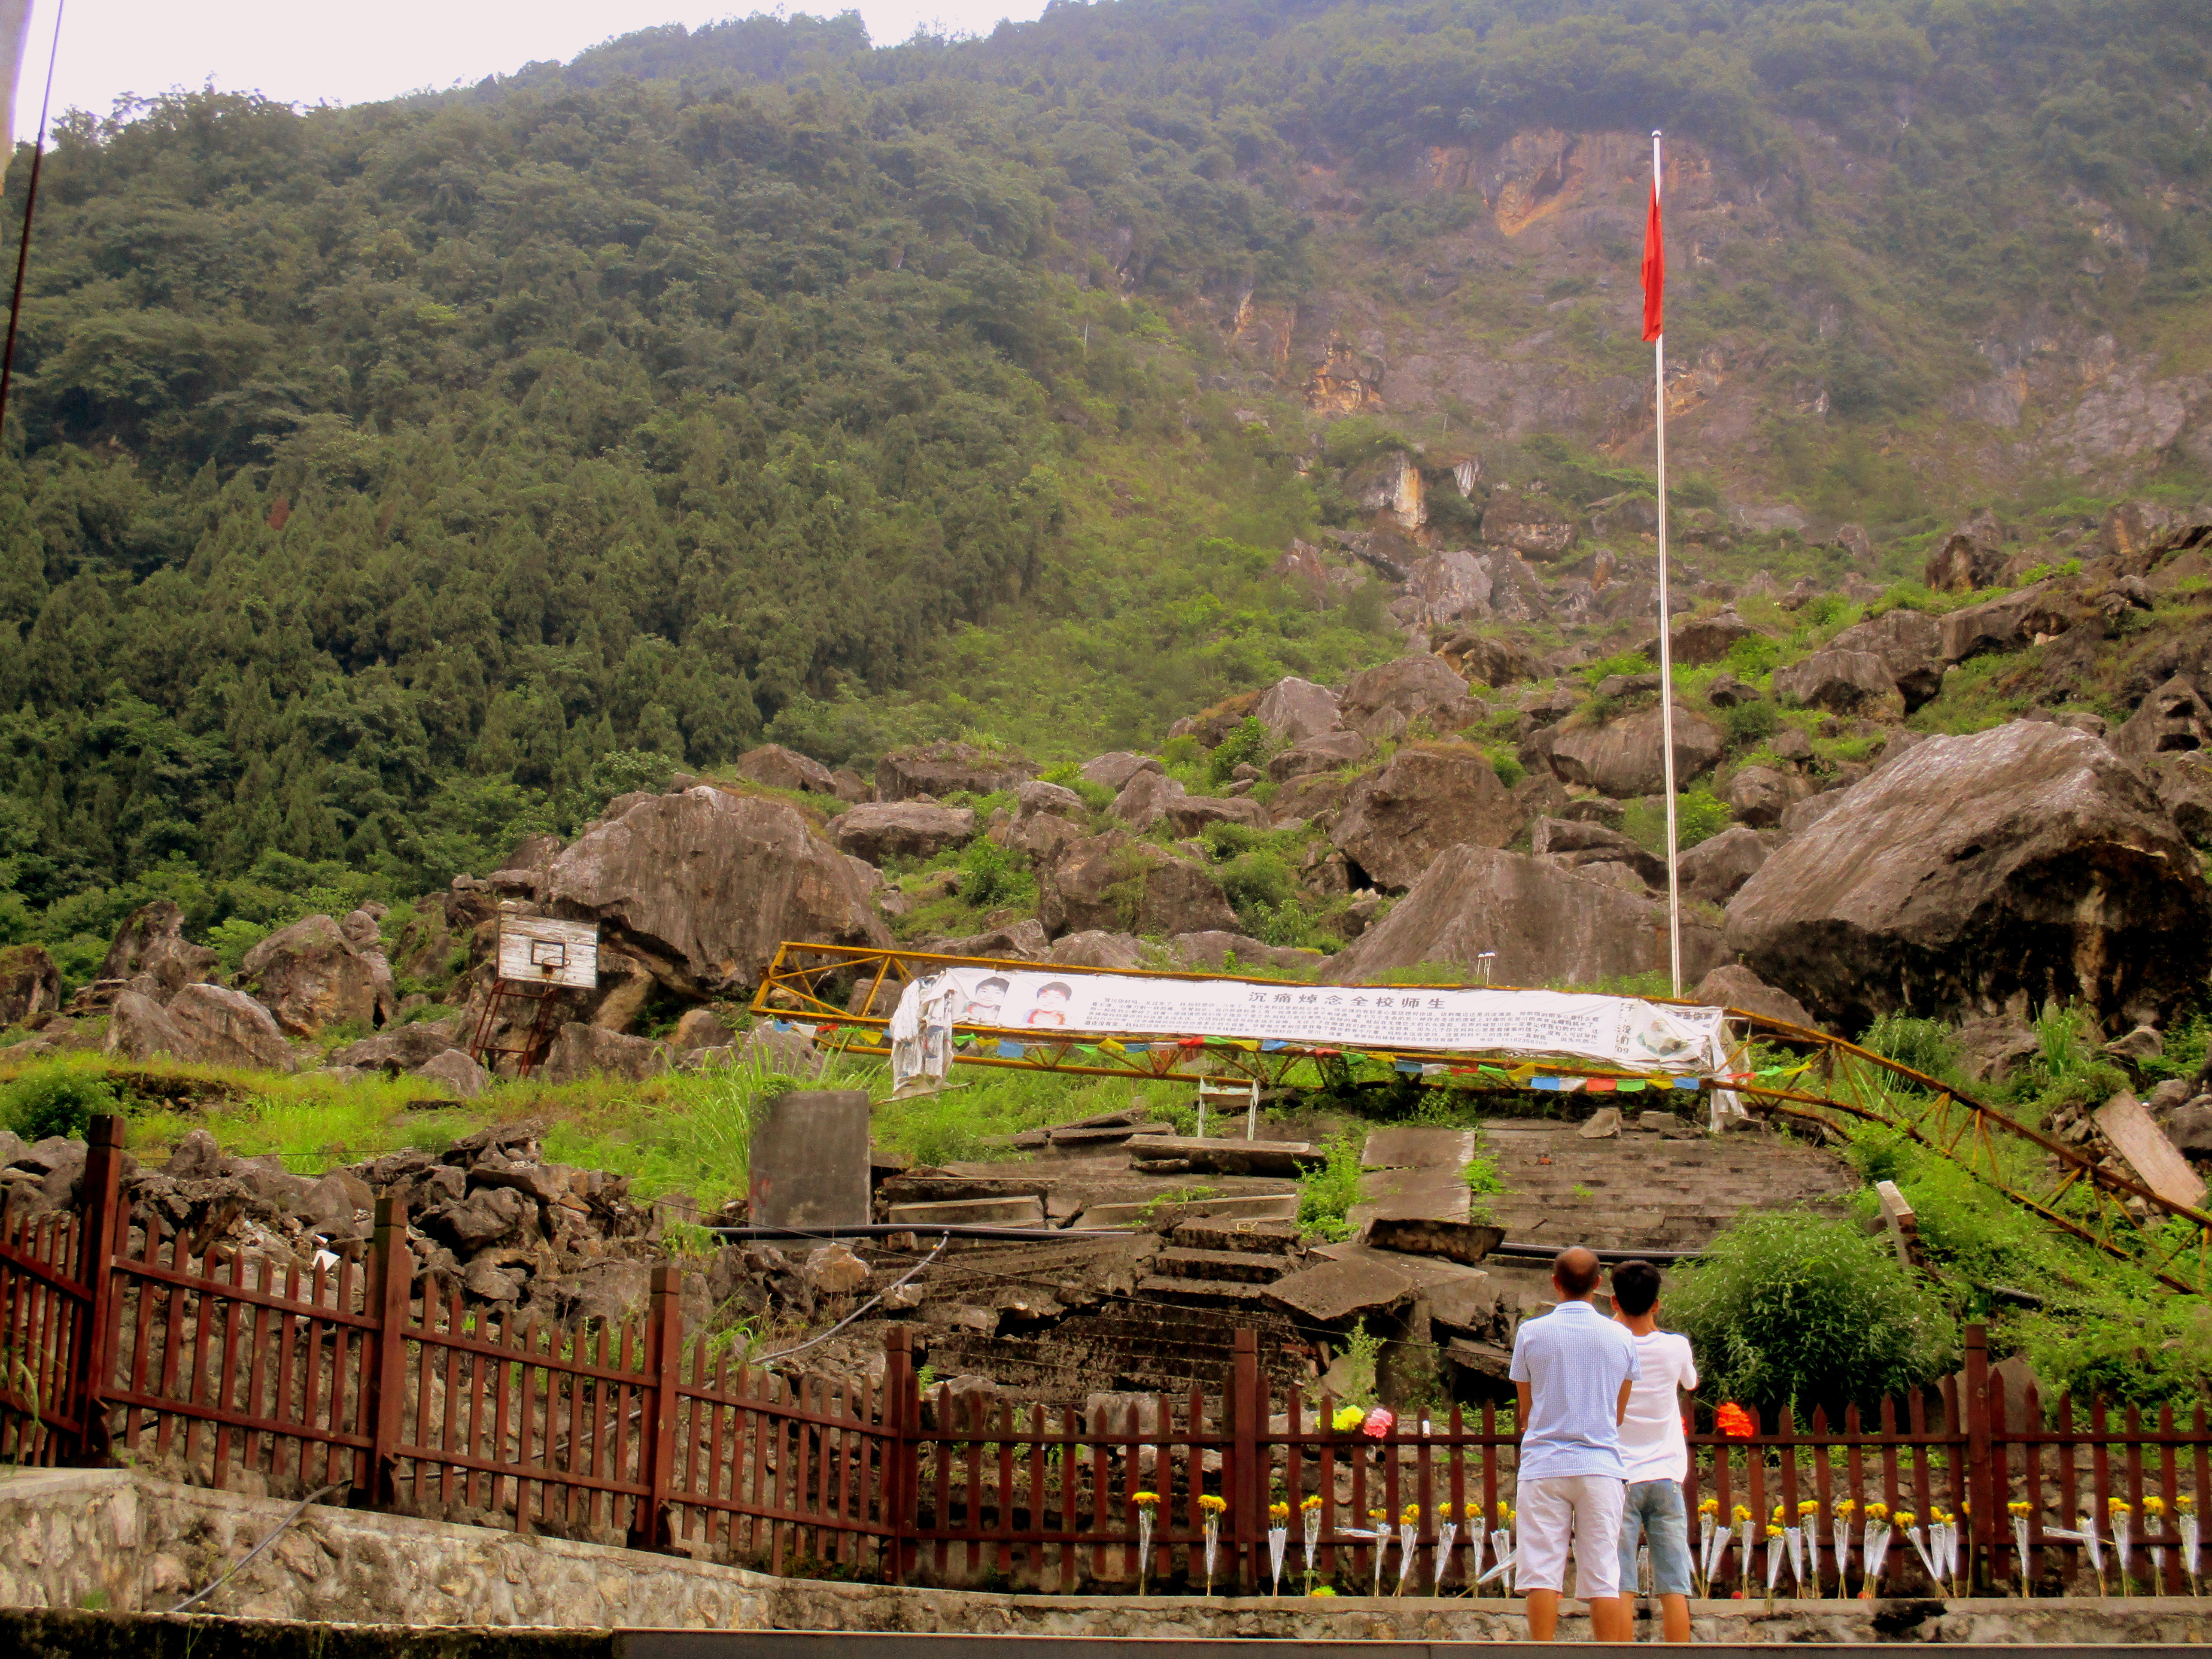 Esta es una de las escuelas de las que solo quedó en pie la bandera china y el aro de la cancha de básket. Me hace pensar que en un terremoto quizás el lugar más seguro es justo al lado del aro de la cancha...